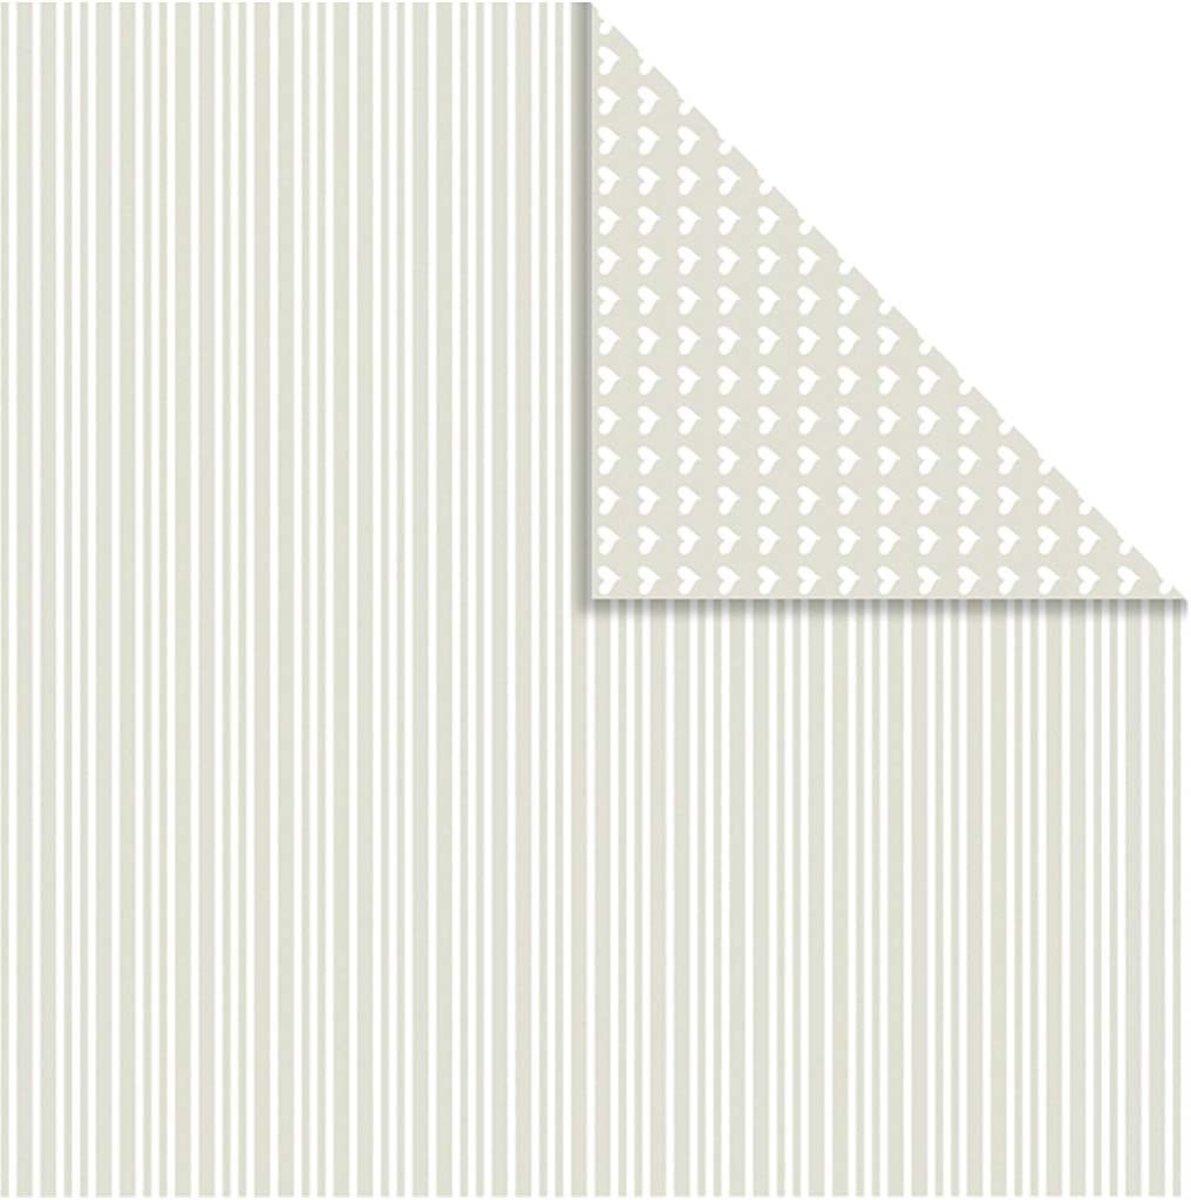 Design Papier, vel 30,5x30,5 cm,  120 gr, 5vellen,  [HOB-22203] kopen